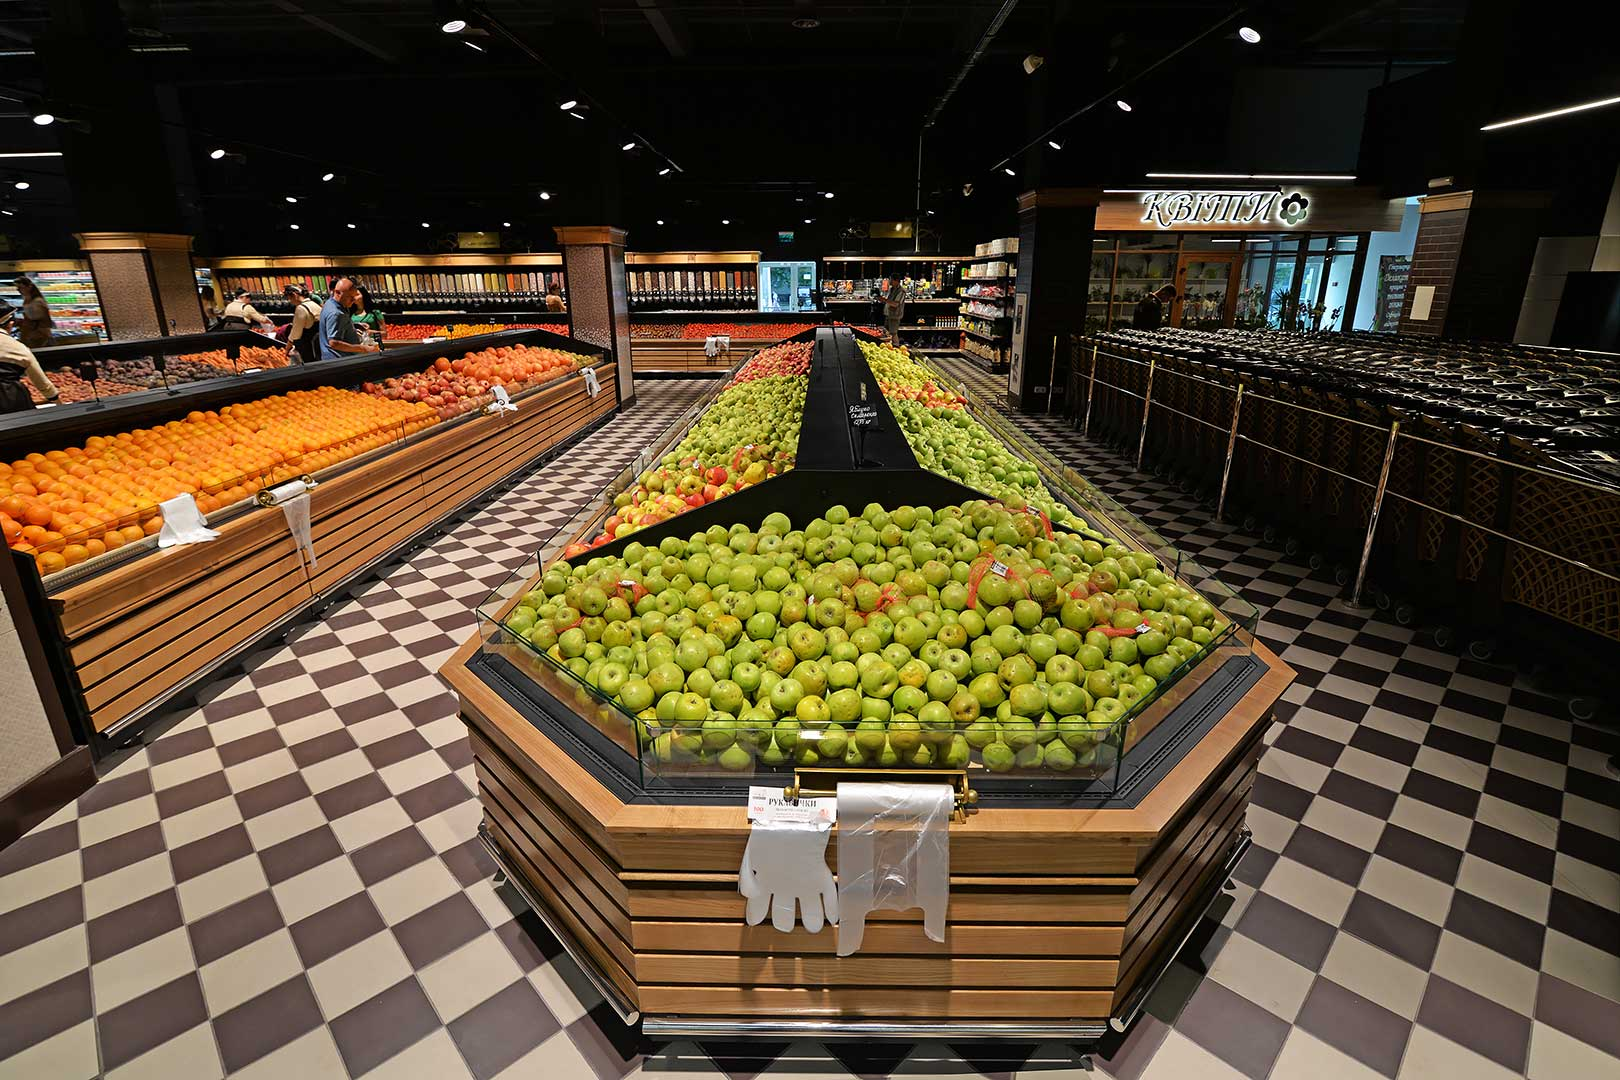 """Tiefkühlwandvitrinen für den Verkauf von Gemüsen und Obst Missouri VF MC 110 VF self M im Supermarkt """"Delikat+"""""""